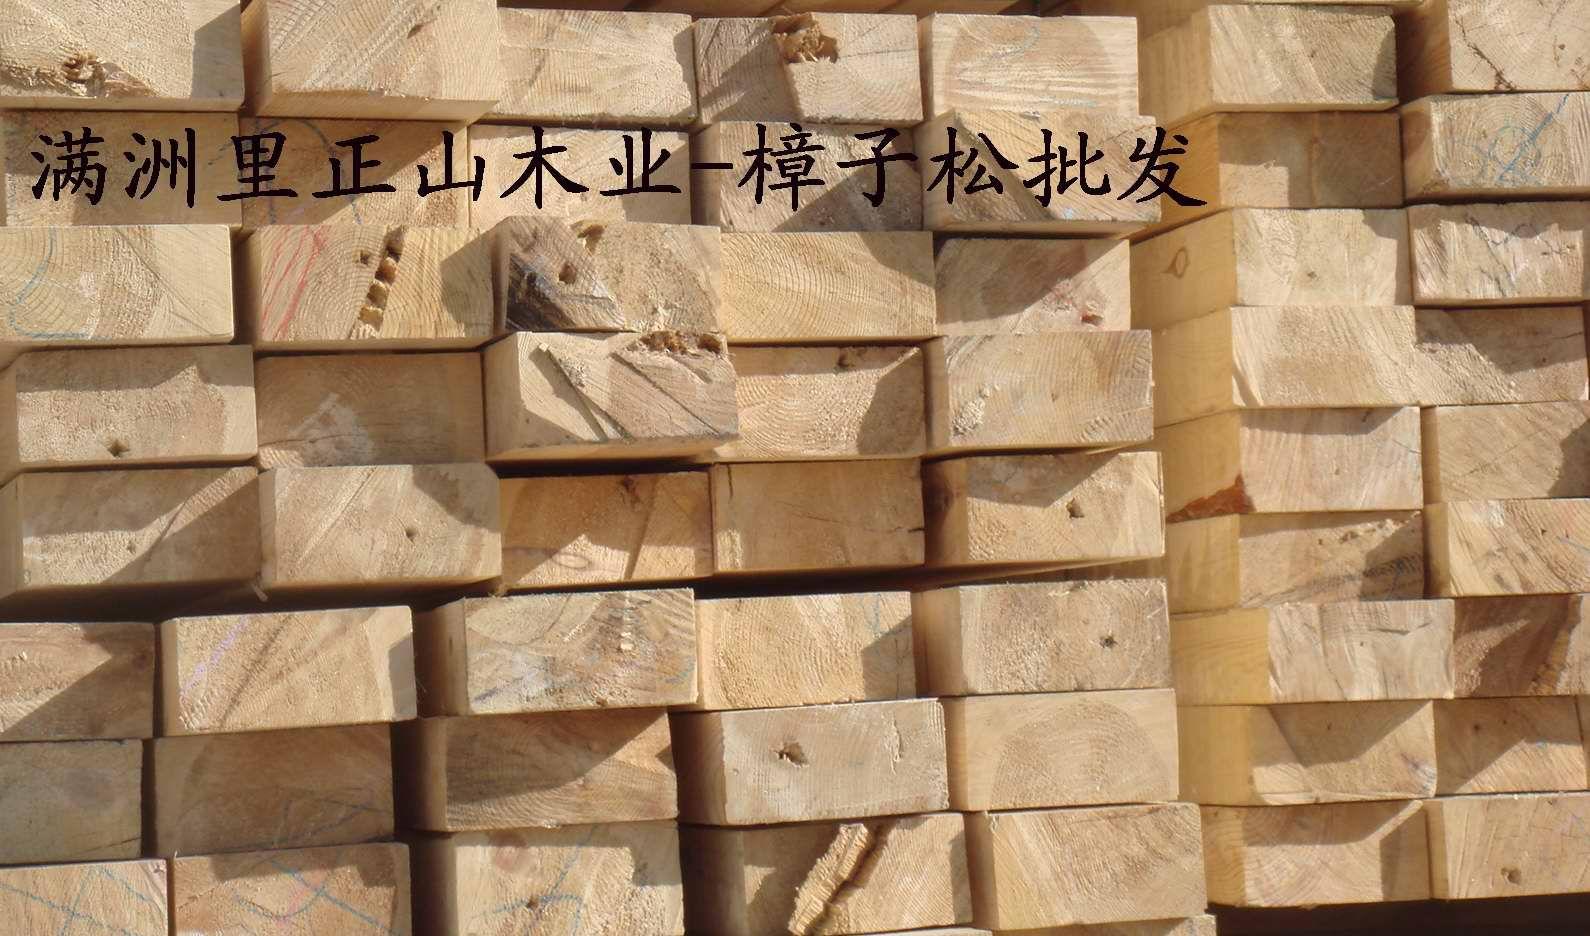 供应樟子松防腐木,樟子松防腐木制品